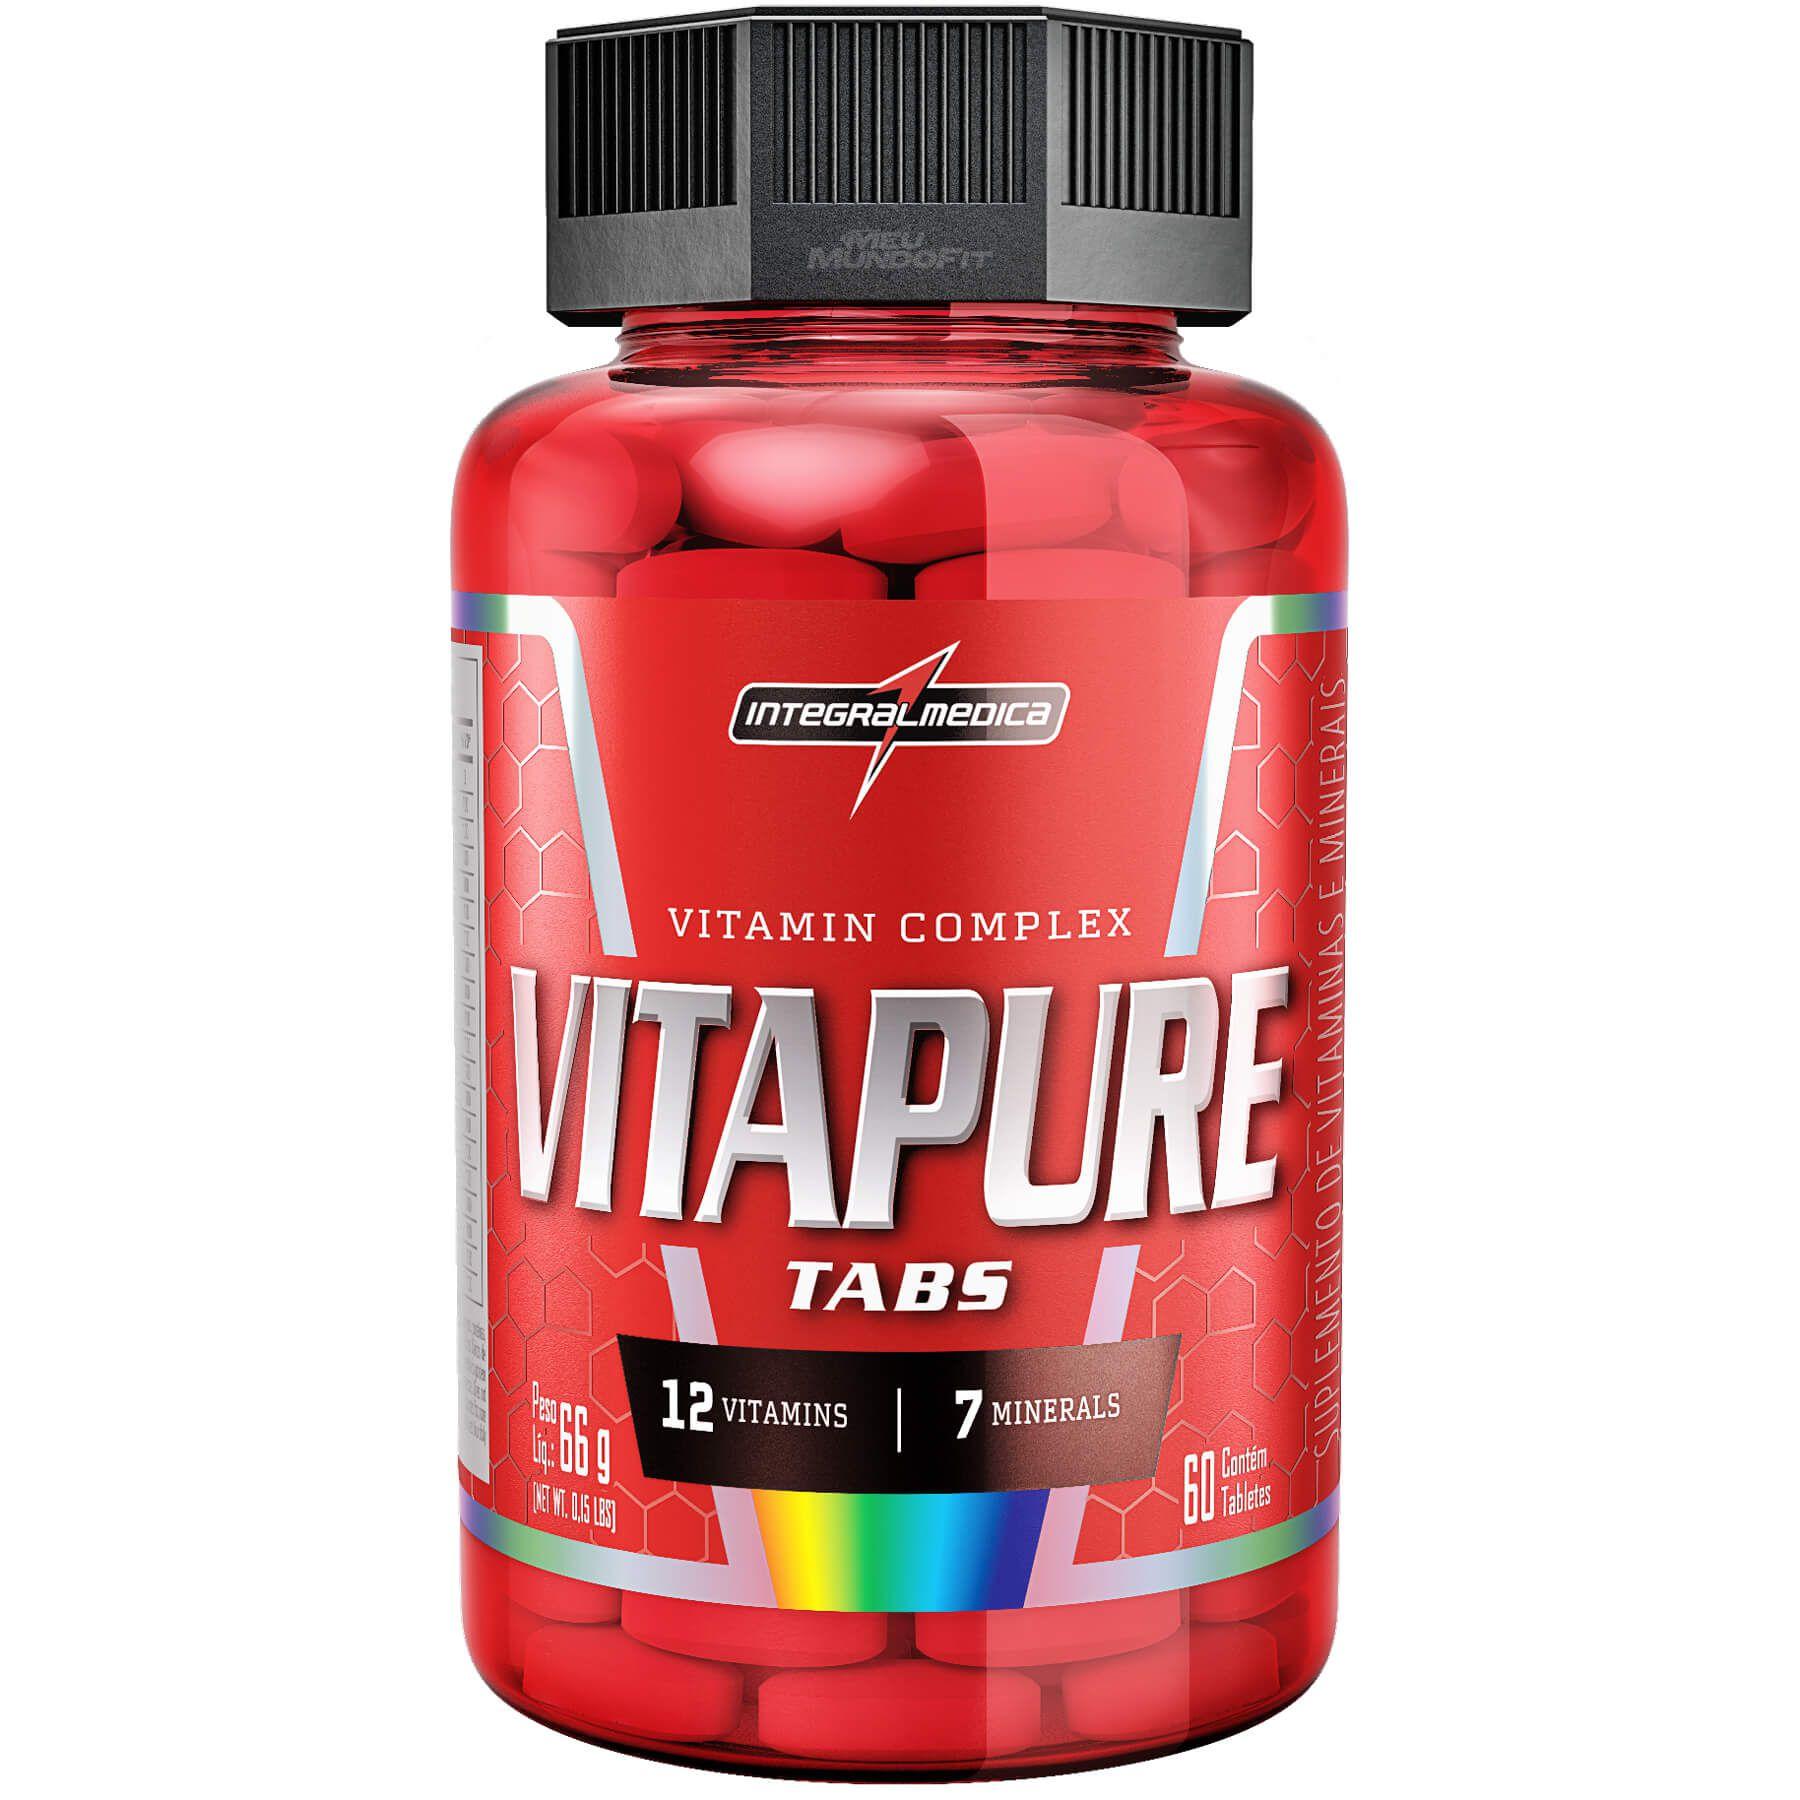 Vitapure 60 Tabletes Integralmédica